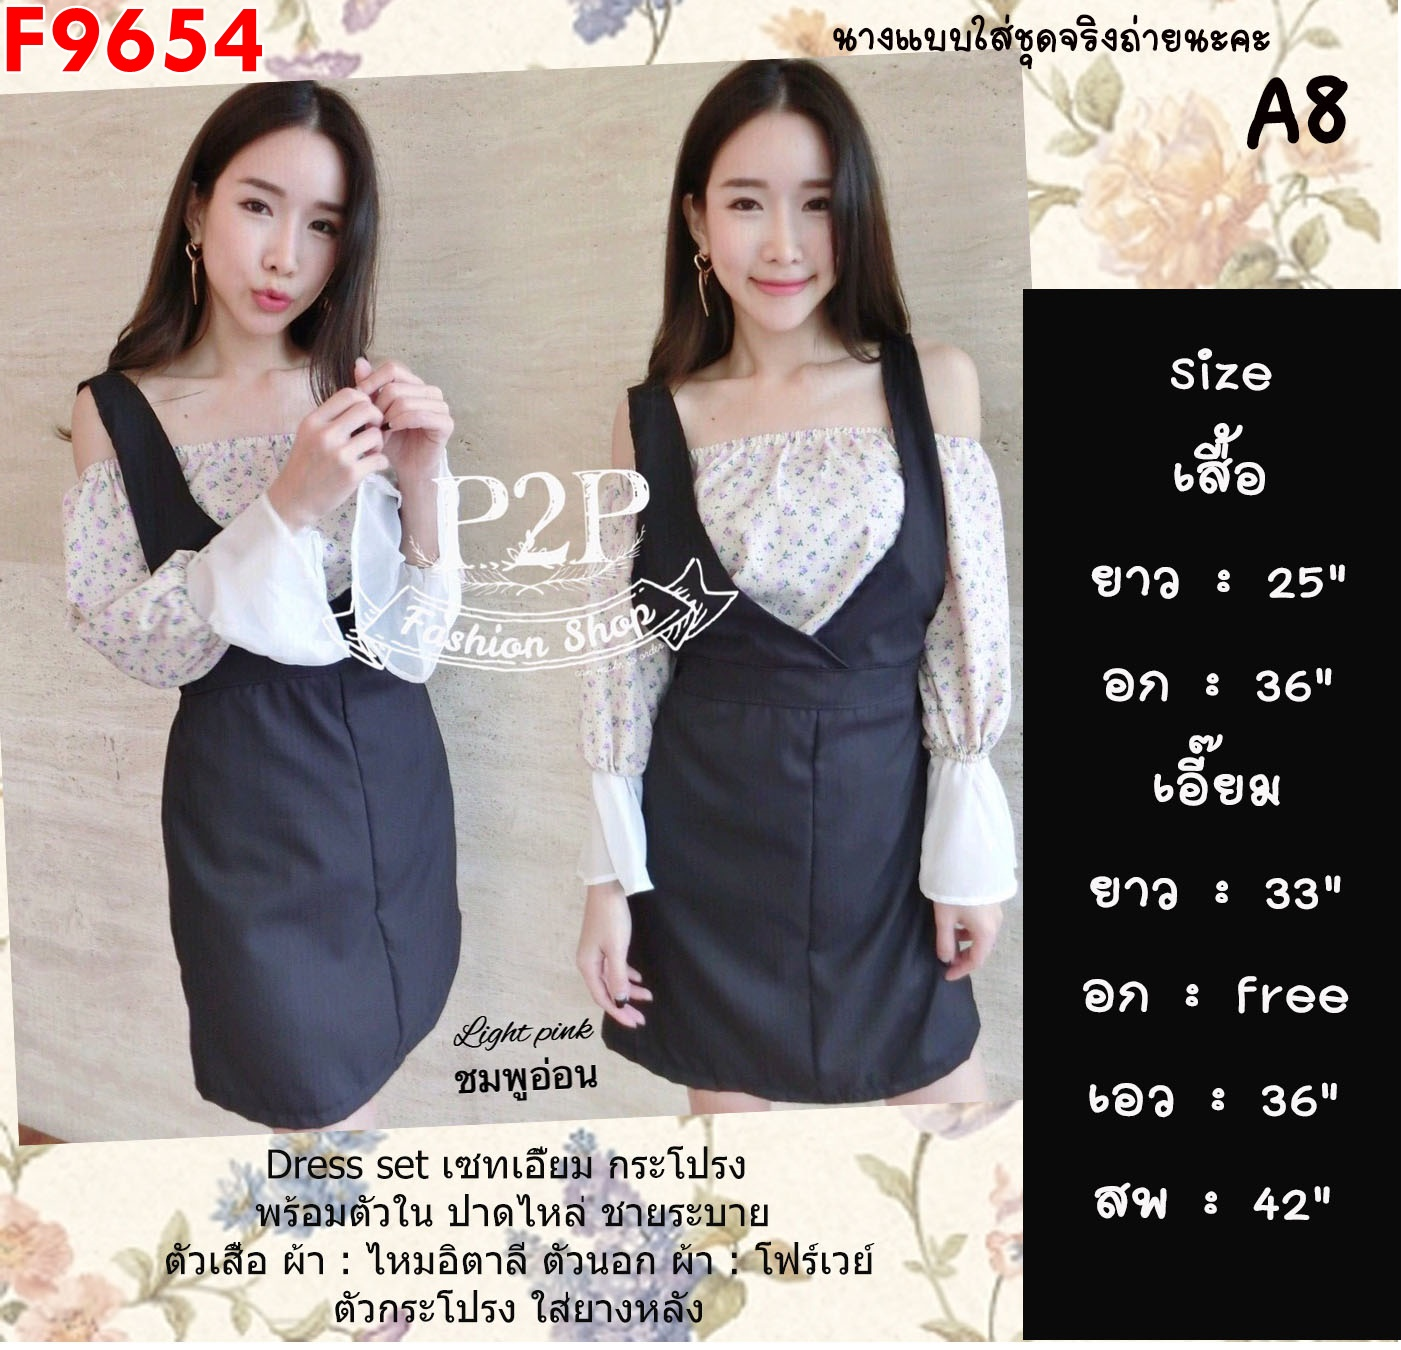 F9654 Dress Set 2 ชิ้น เสื้อปาดไหล่ ลายดอก สีชมพูอ่อน + เอี๊ยมกระโปรงสีดำ